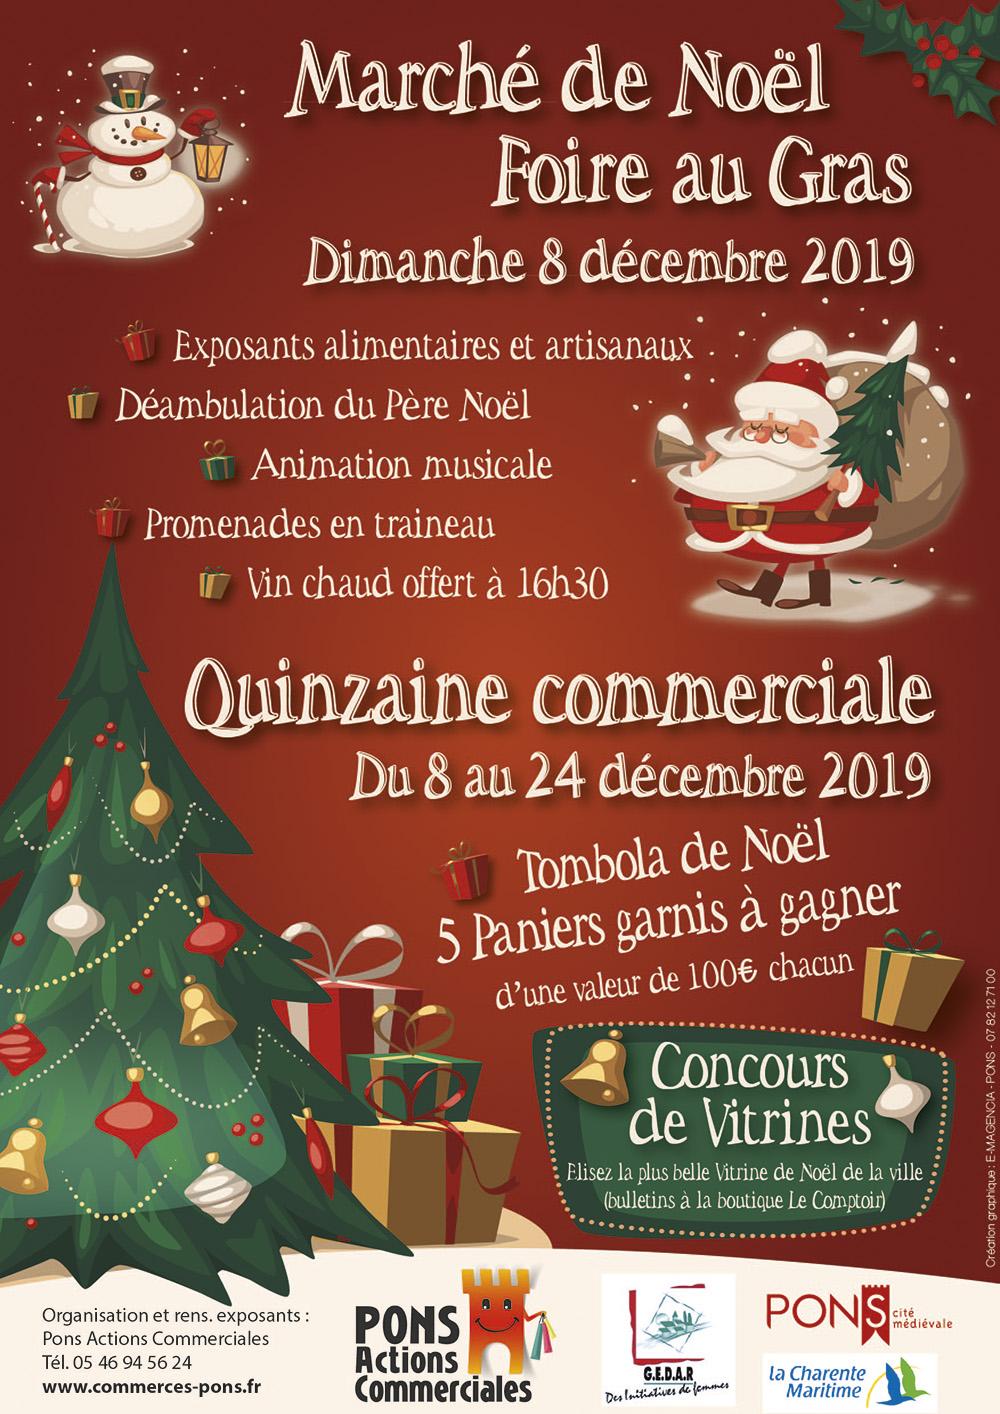 Marché de Noël 2019 - Pons Actions Commerciales - Dimanche 8 décembre 2019